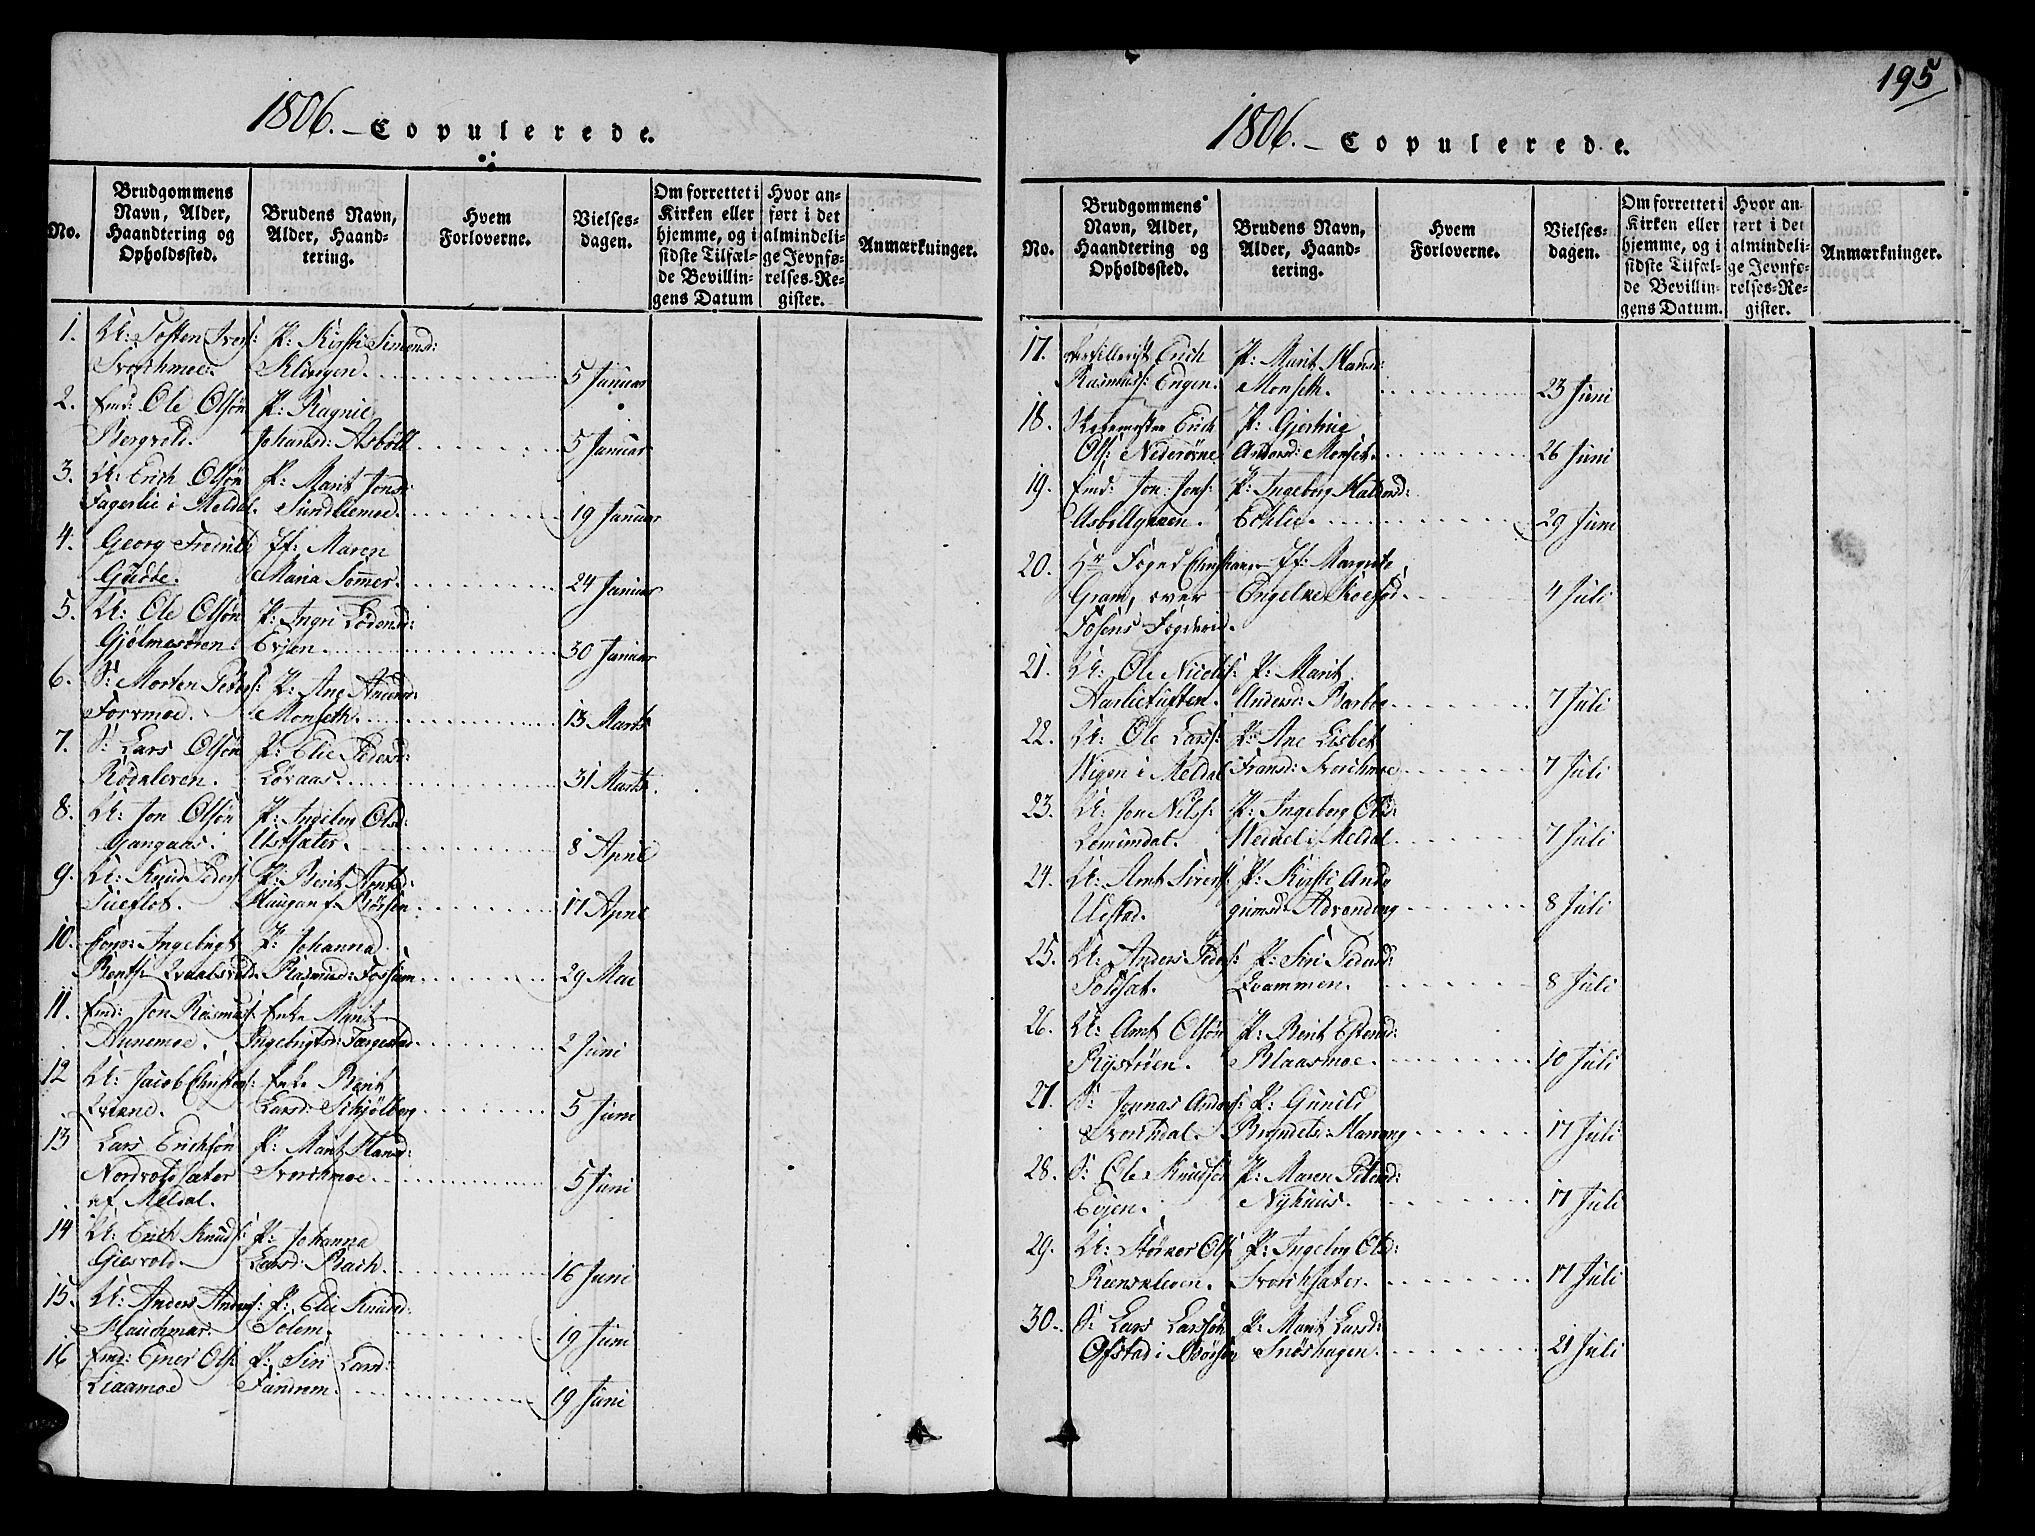 SAT, Ministerialprotokoller, klokkerbøker og fødselsregistre - Sør-Trøndelag, 668/L0803: Ministerialbok nr. 668A03, 1800-1826, s. 195